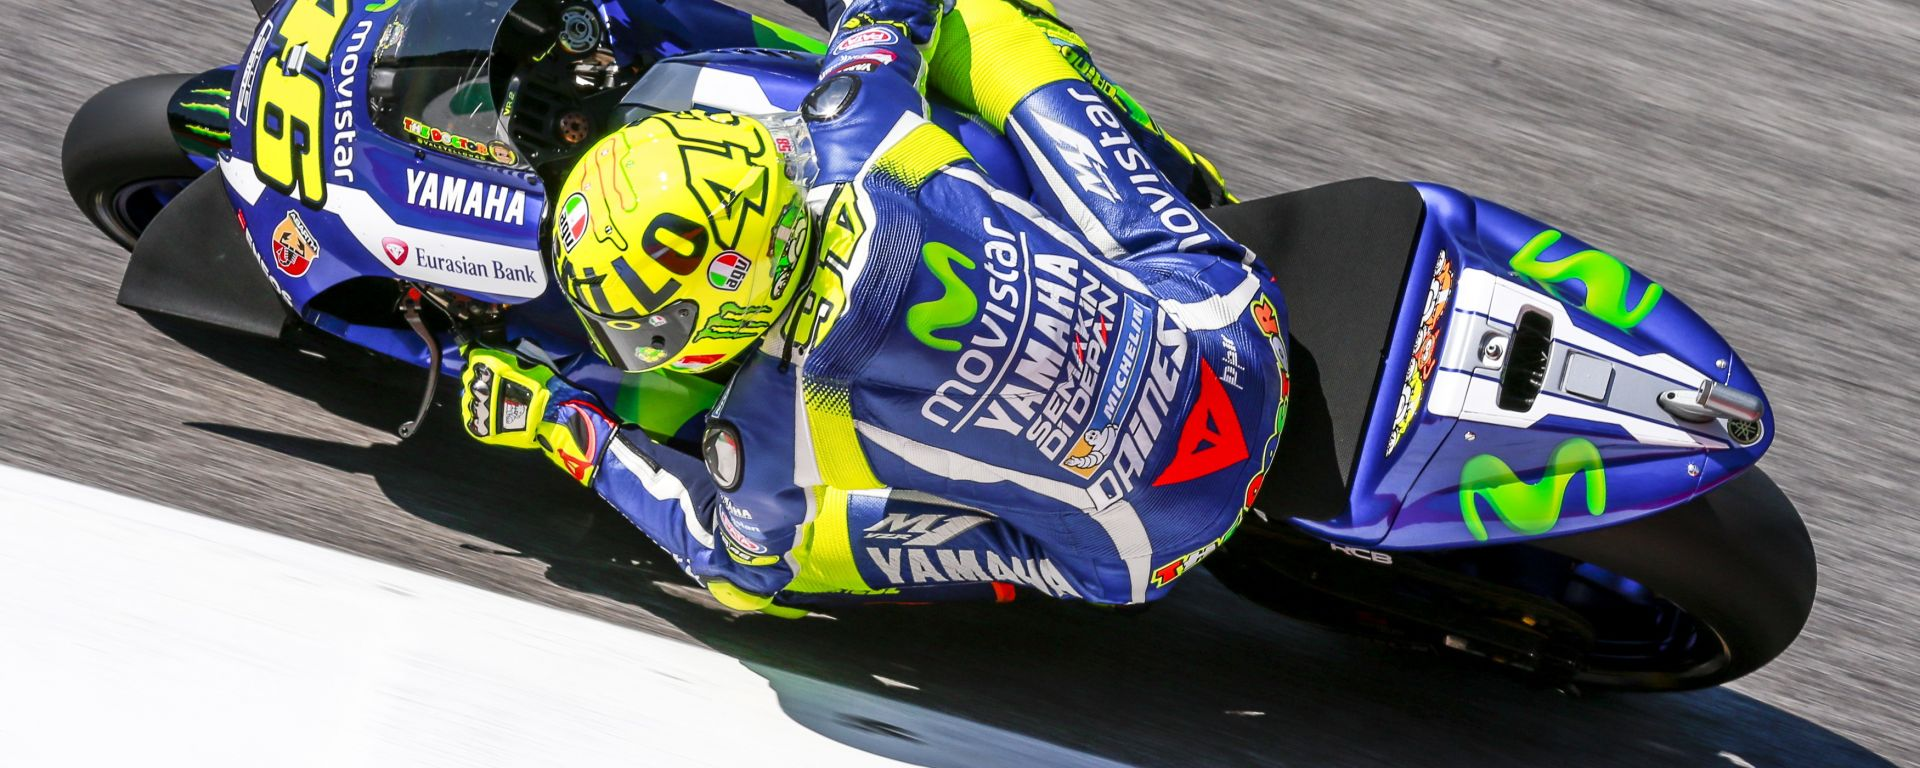 GP Italia 2016: Valentino Rossi in pole, secondo uno strepitoso Vinales e Iannone terzo